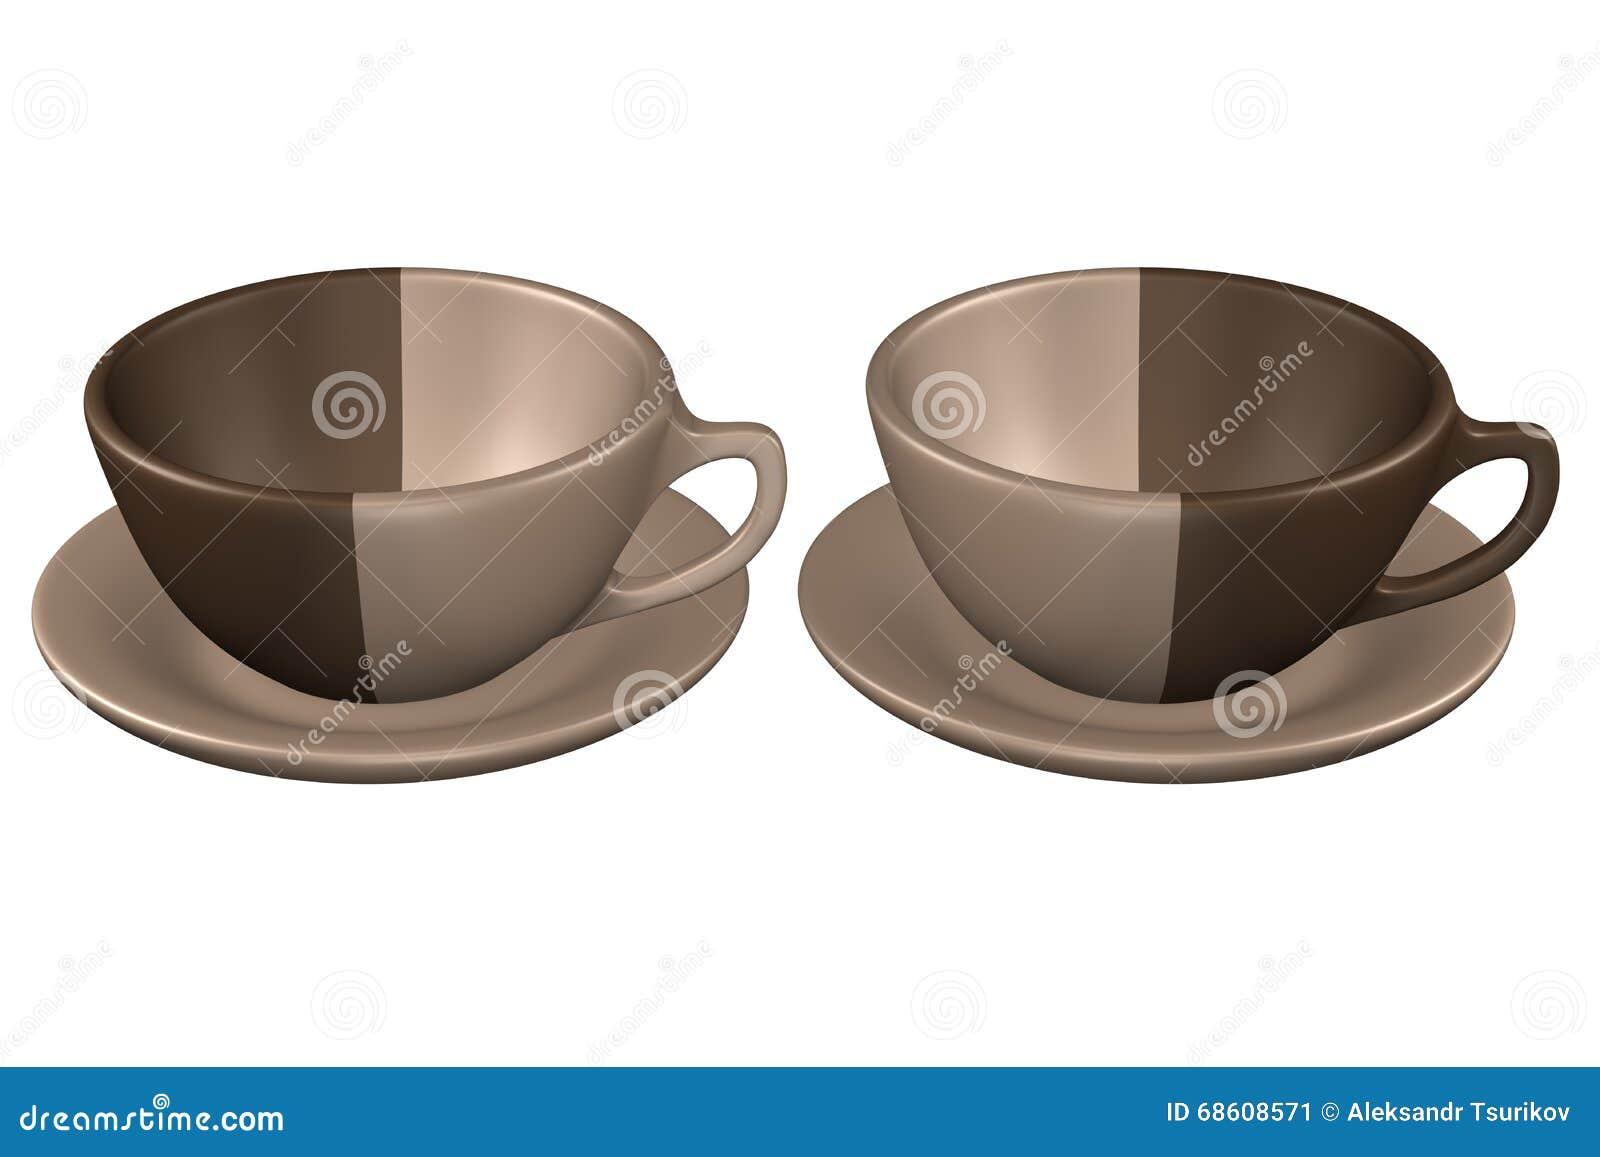 zwei kaffeetassen auf der untertasse auf wei em hintergrund stock abbildung bild 68608571. Black Bedroom Furniture Sets. Home Design Ideas